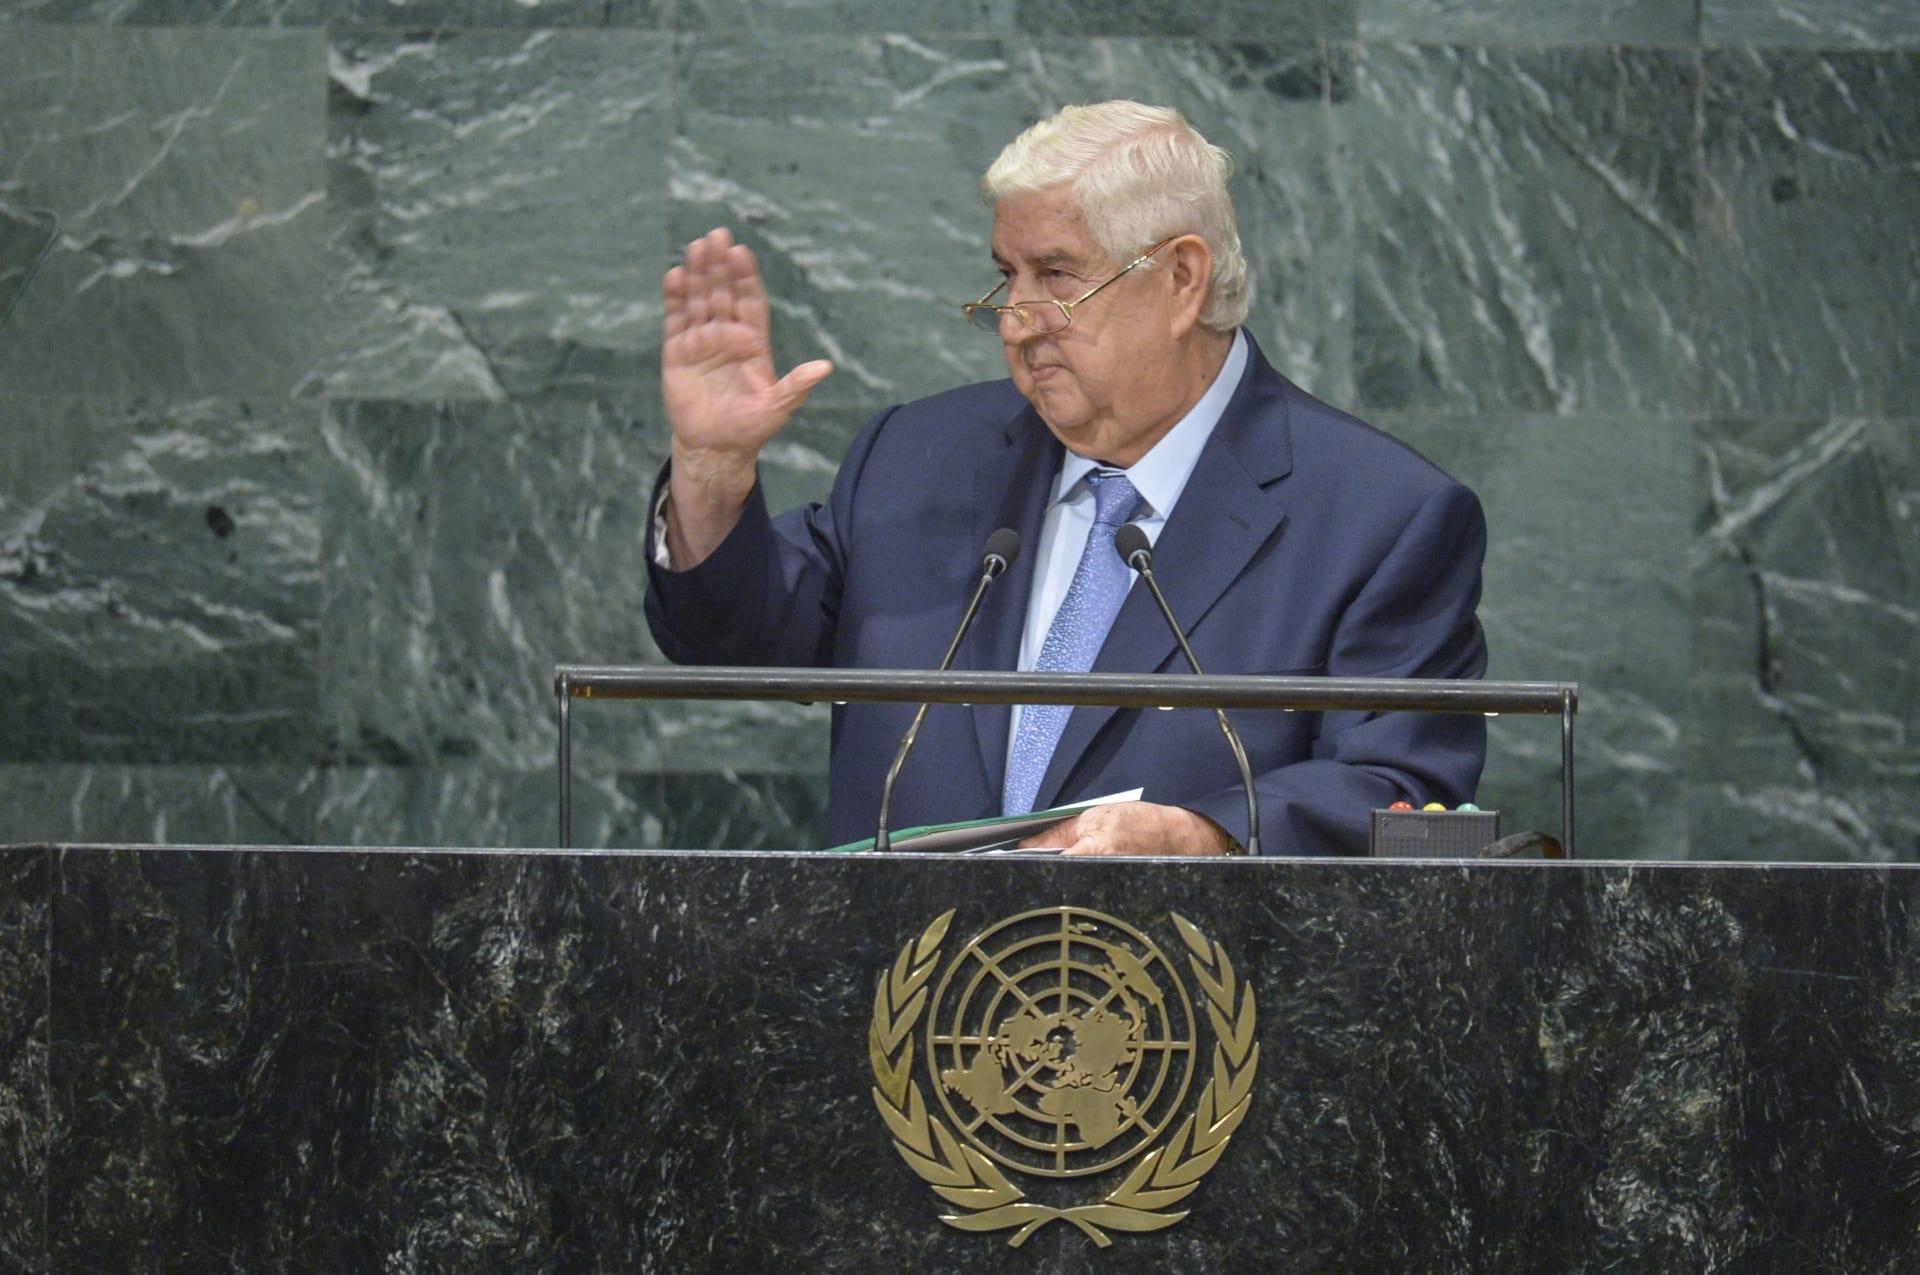 بعد الغارات الأخيرة.. سوريا تشتكي إسرائيل للأمم المتحدة ومجلس الأمن